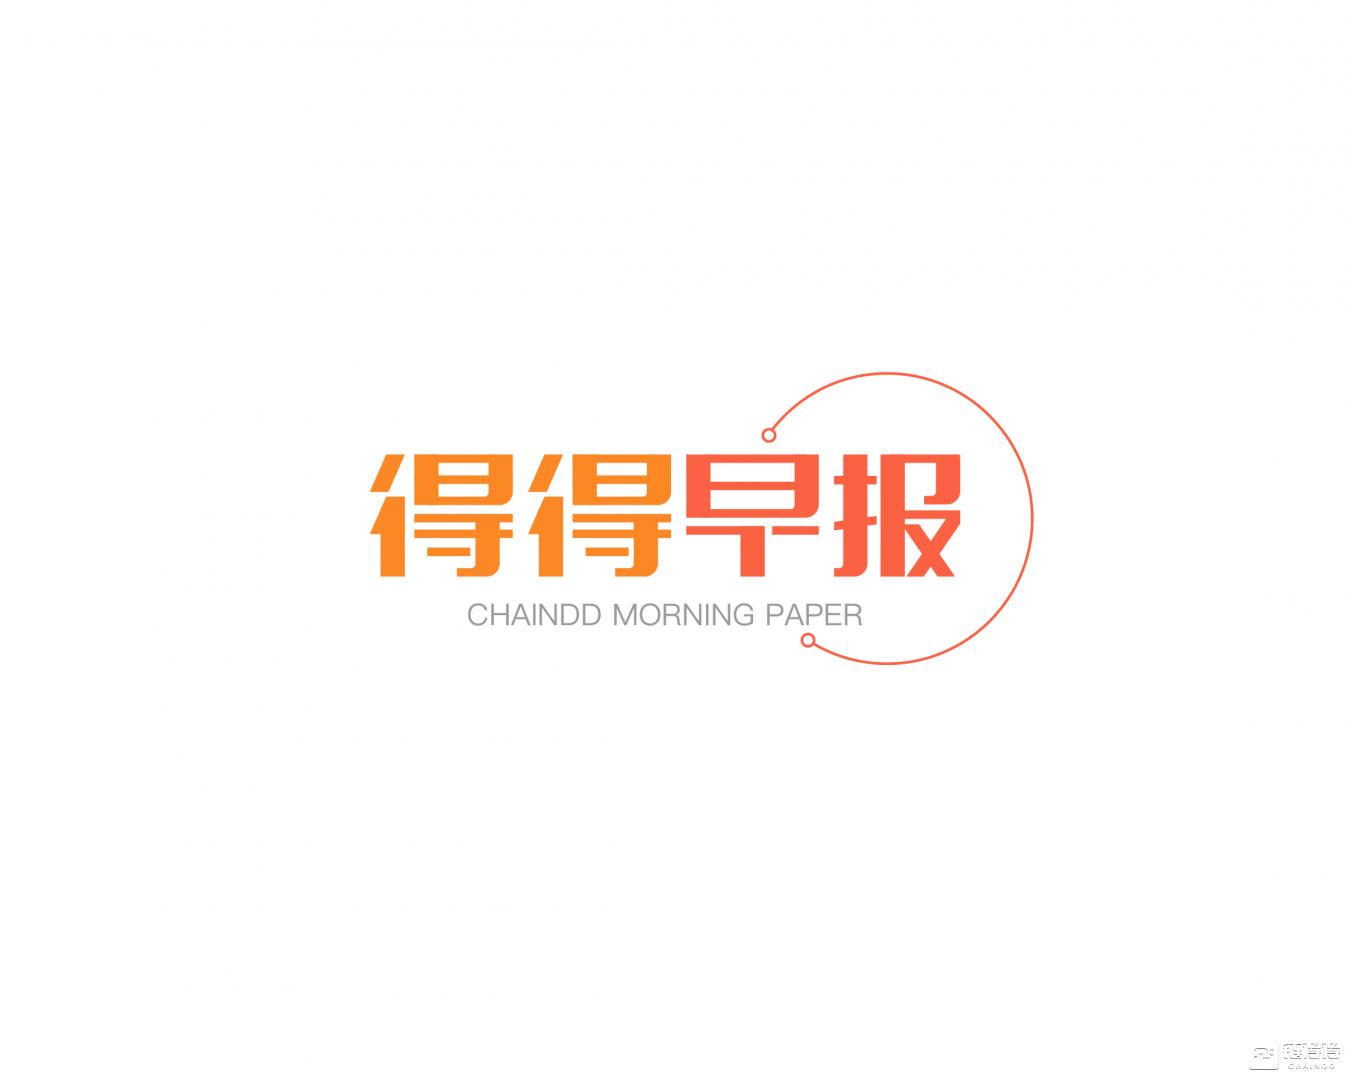 【链得得早报】前特朗普经济顾问加盟区块链初创;中国央行行长G20会议讨论加密资产风险